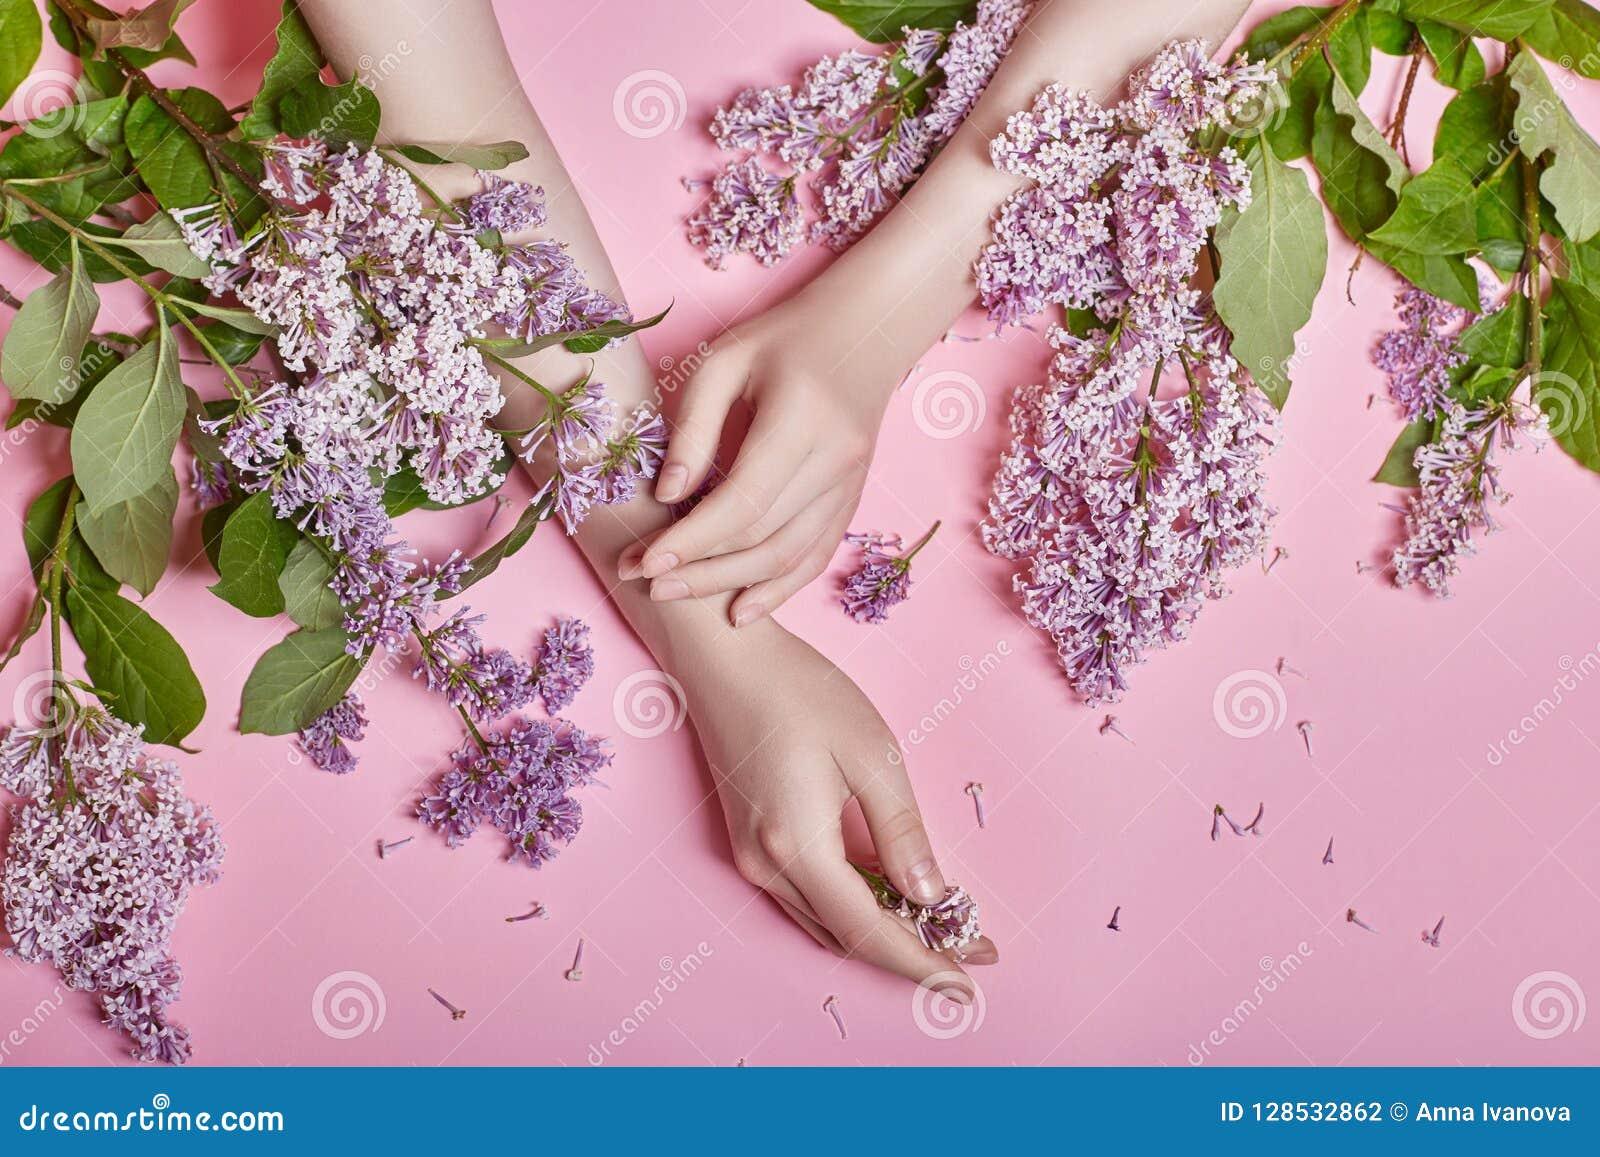 Фасонируйте рукам искусства естественных женщин косметик, ярких фиолетовых цветков сирени в руке с ярким составом контраста, забо